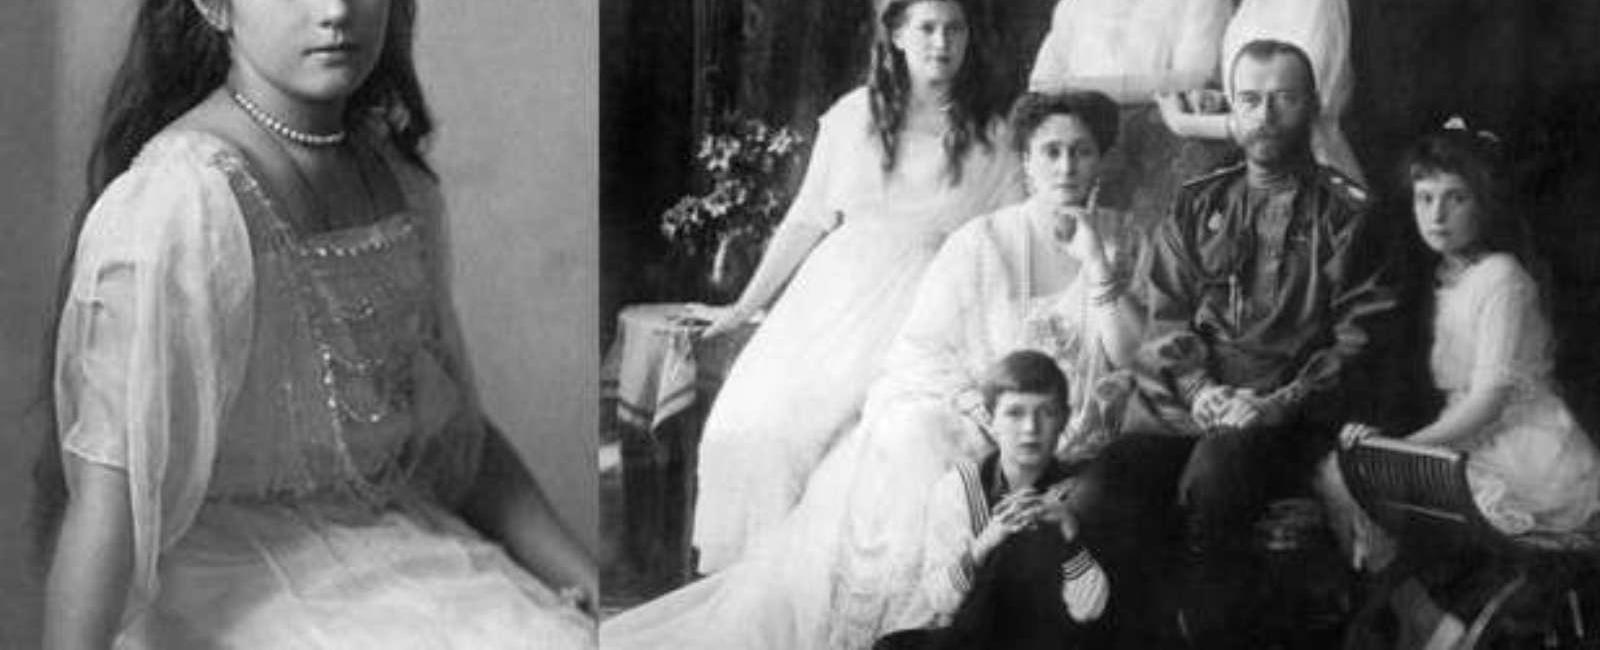 Soarta printesei Anastasia, familiei regale Romanov